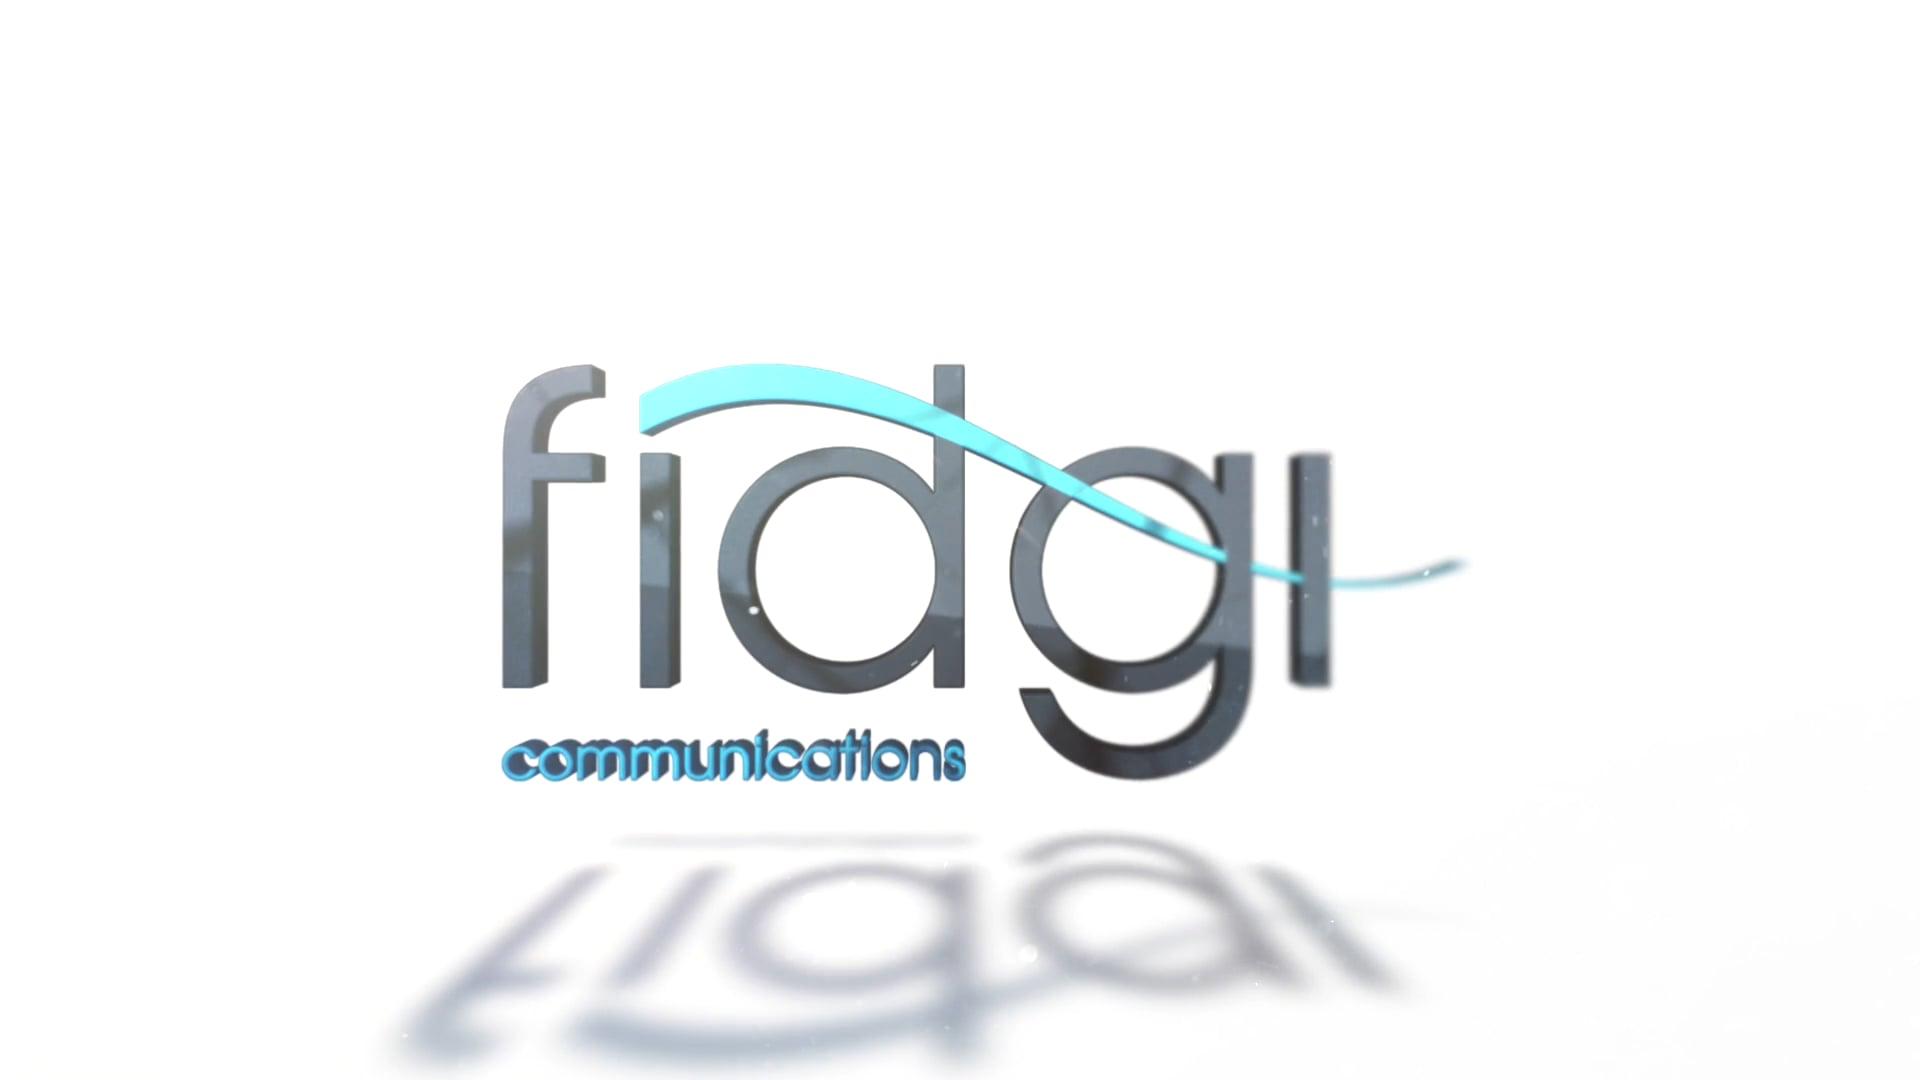 Fidgi Communications